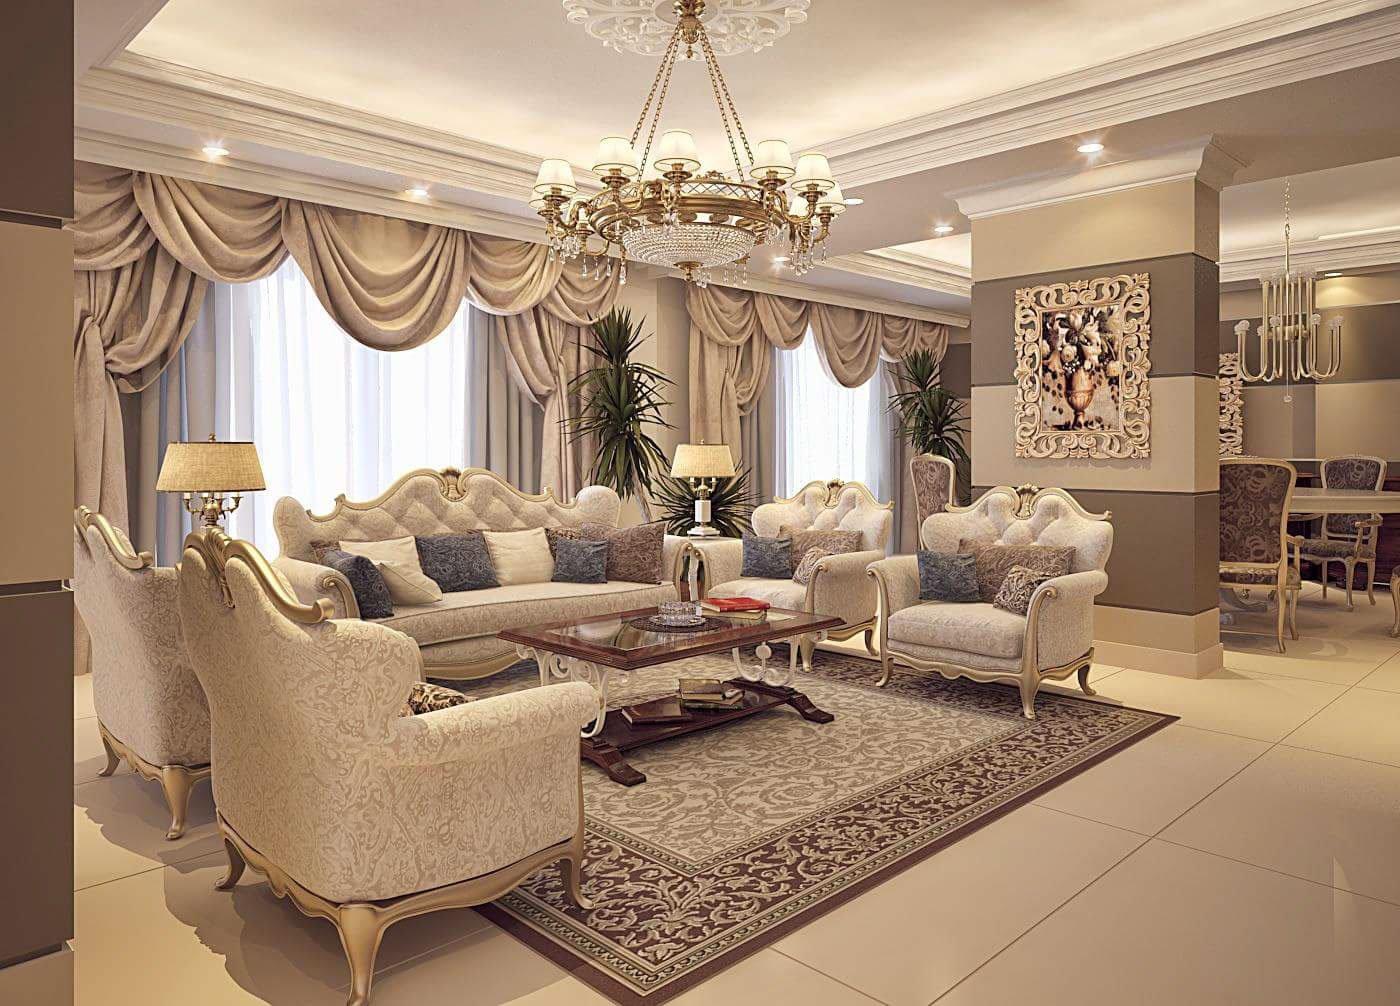 Mẫu thiết kế phòng khách nhà chung cư sang trọng mang phong cách Ý